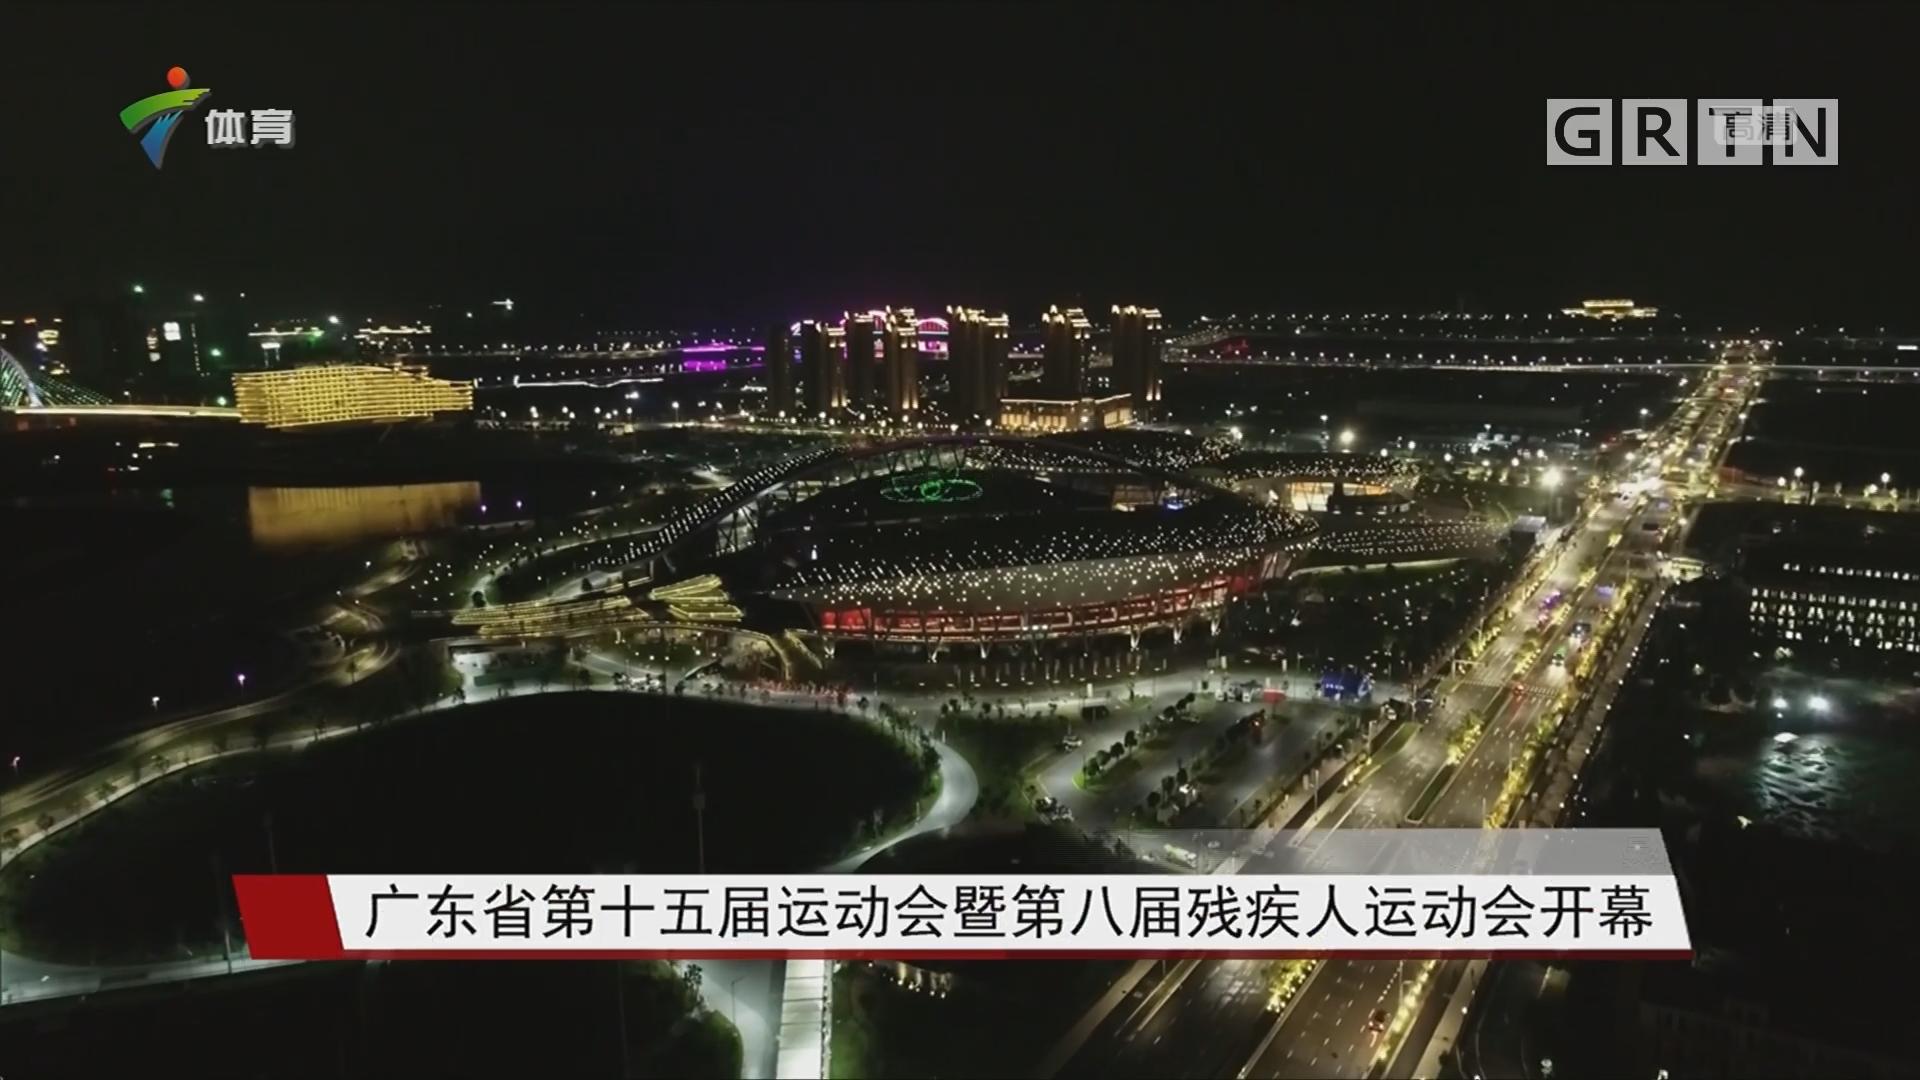 广东省第十五届运动会暨第八届残疾人运动会开幕